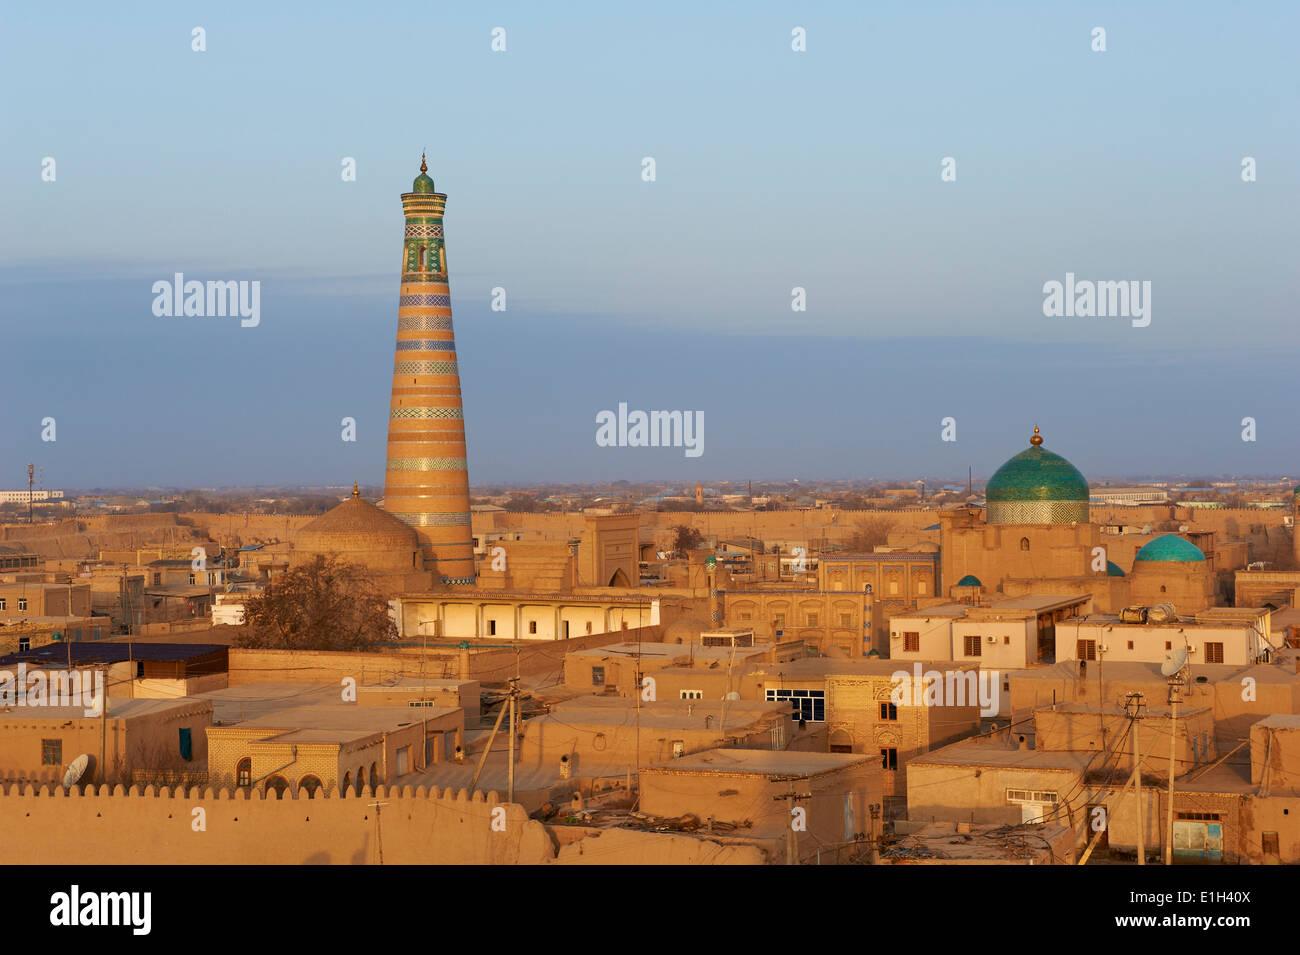 Uzbekistan, Khiva, Patrimonio Mondiale dell'Unesco, la città e l'Islam Hoja minar Immagini Stock